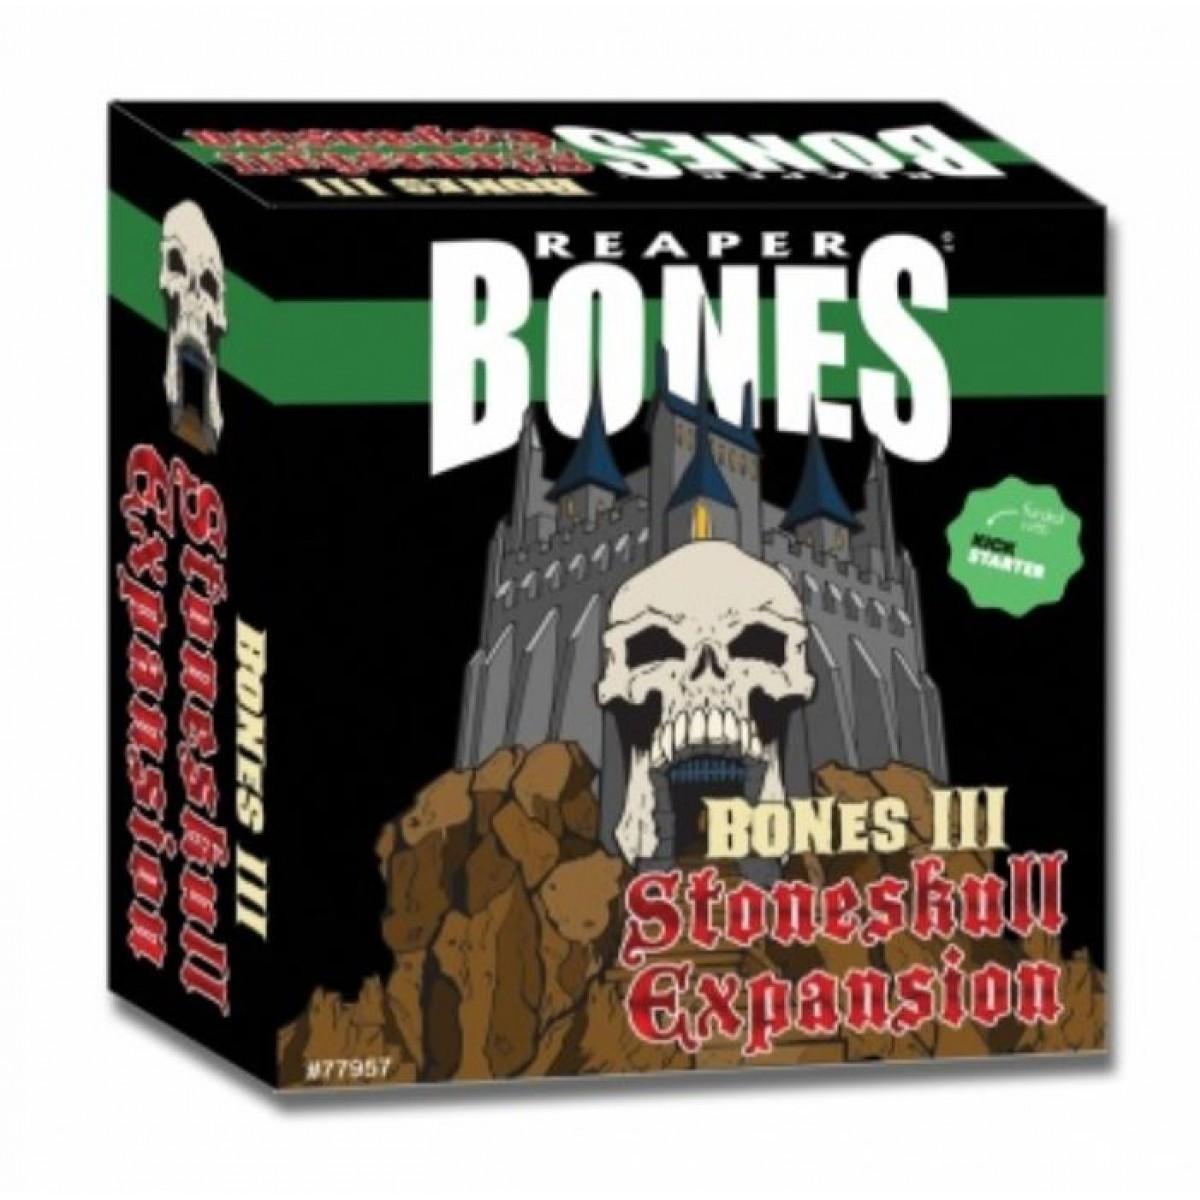 Reaper Bones 77498 Werearmadillo